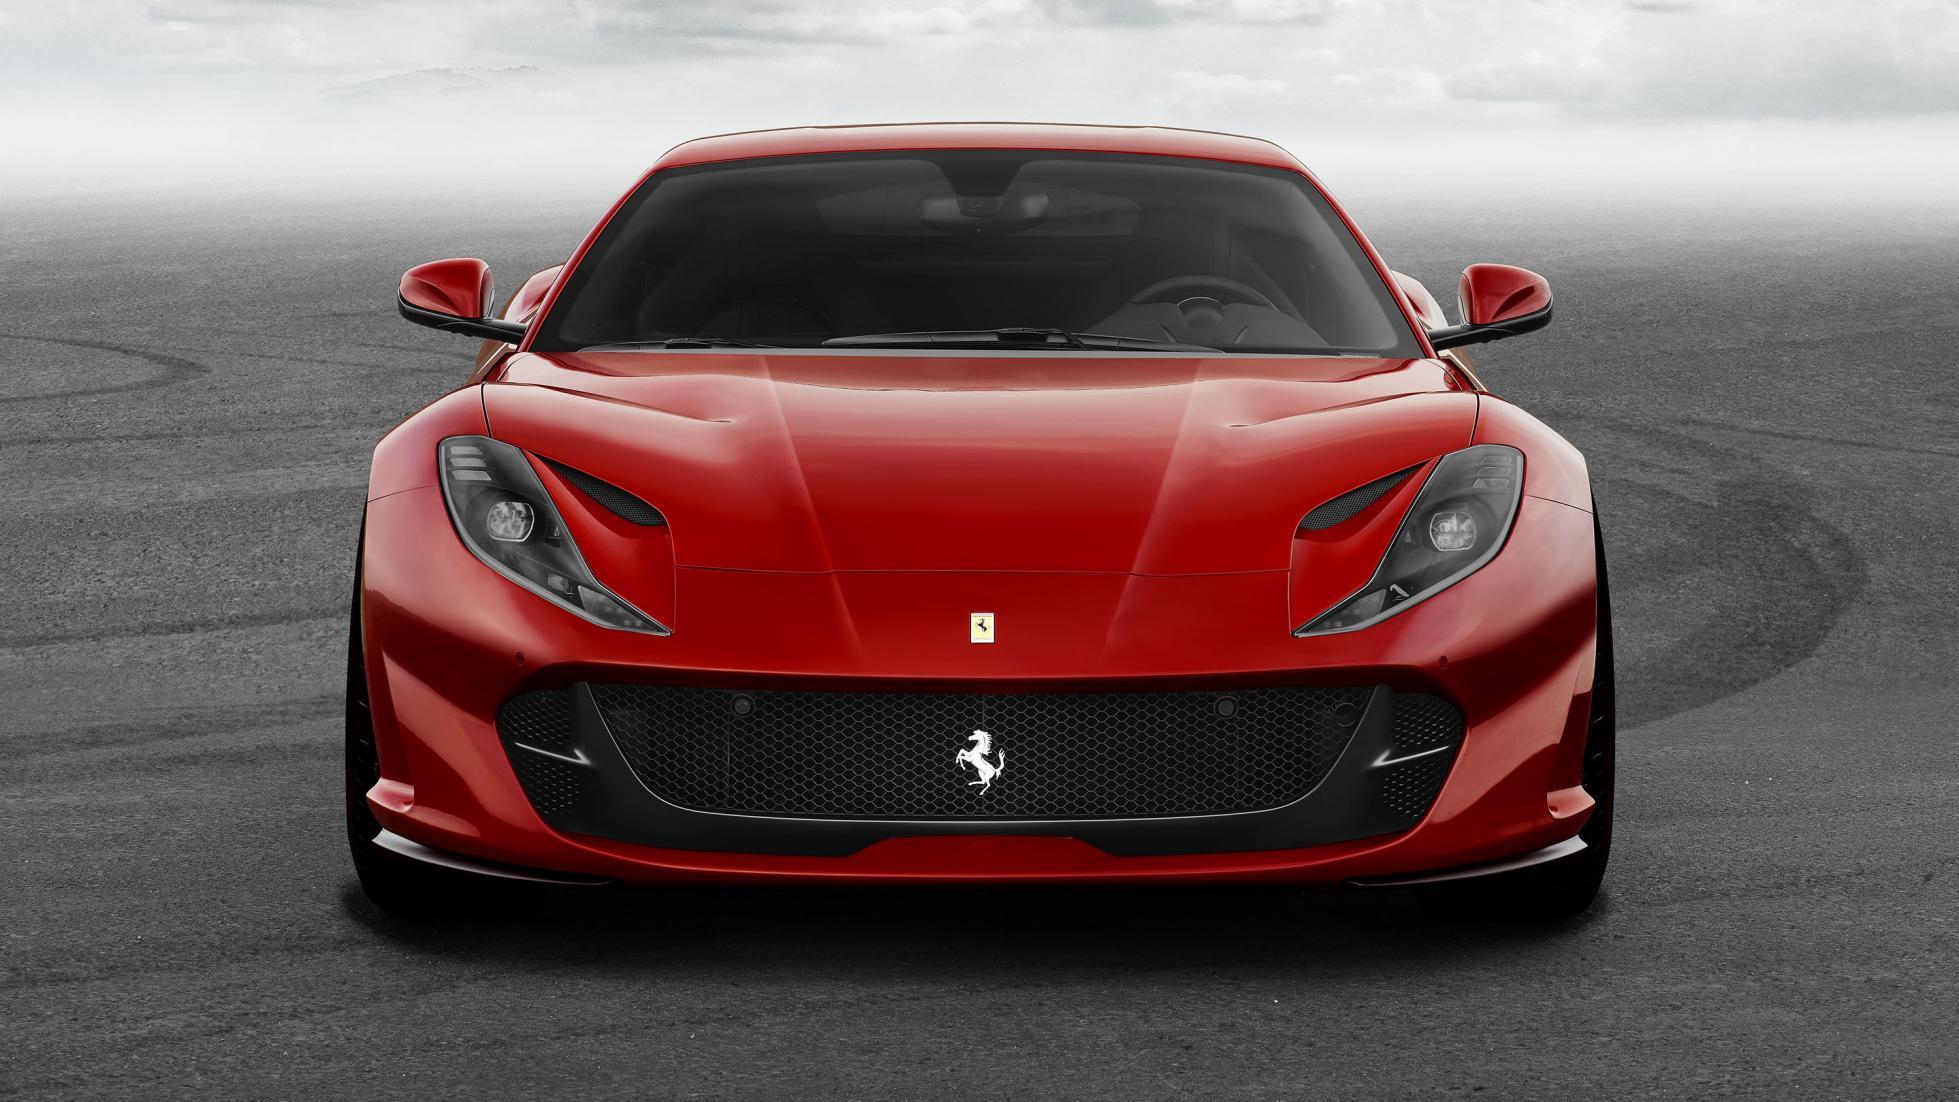 News From Maranello Ferrari 812 Superfast